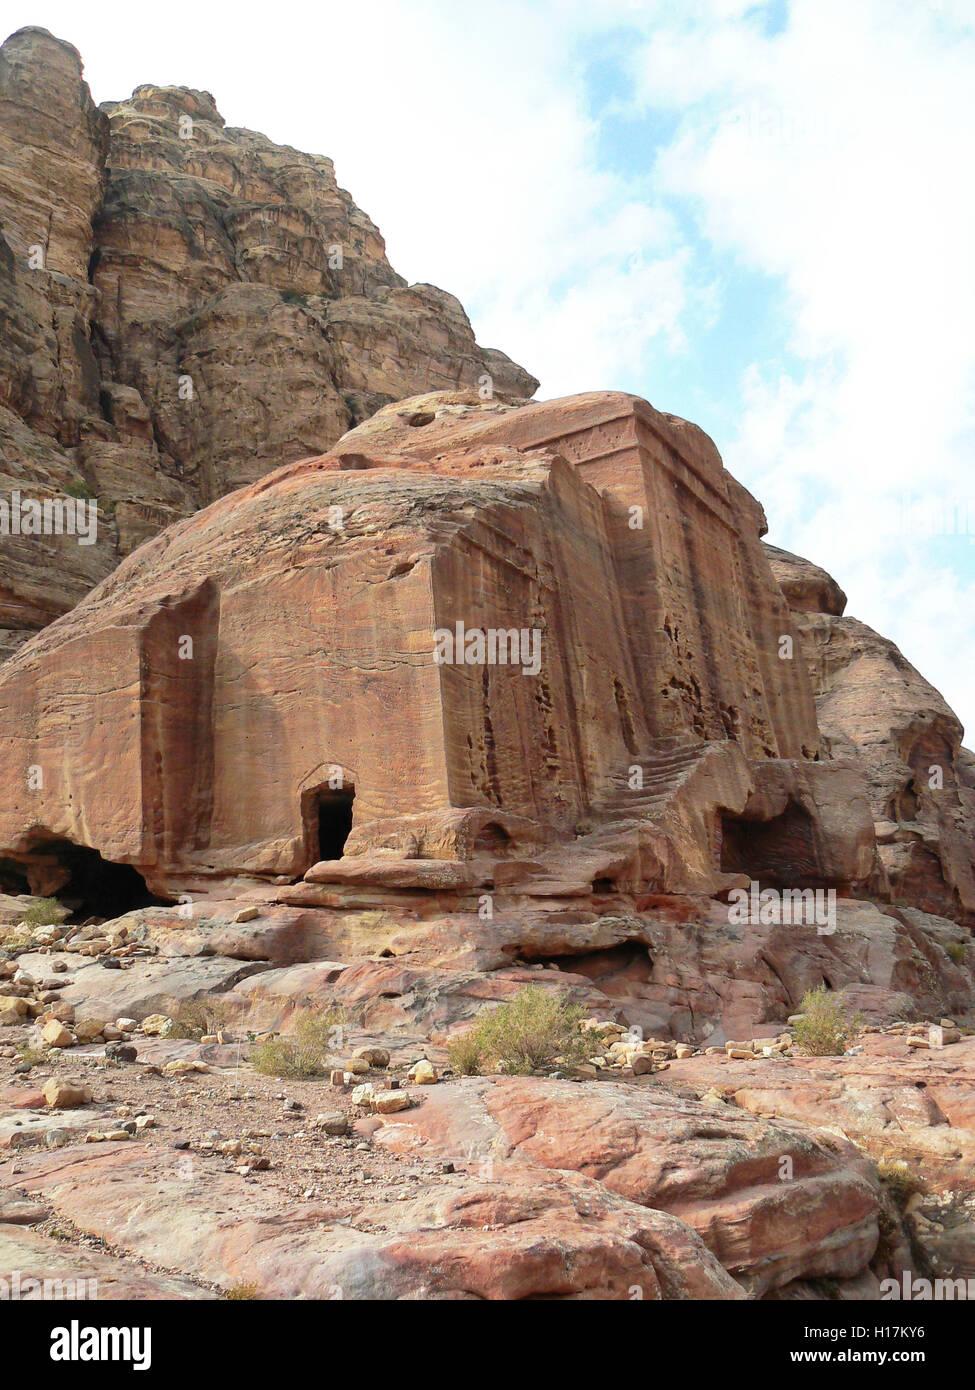 Tombs of Petra, Jordan - Stock Image